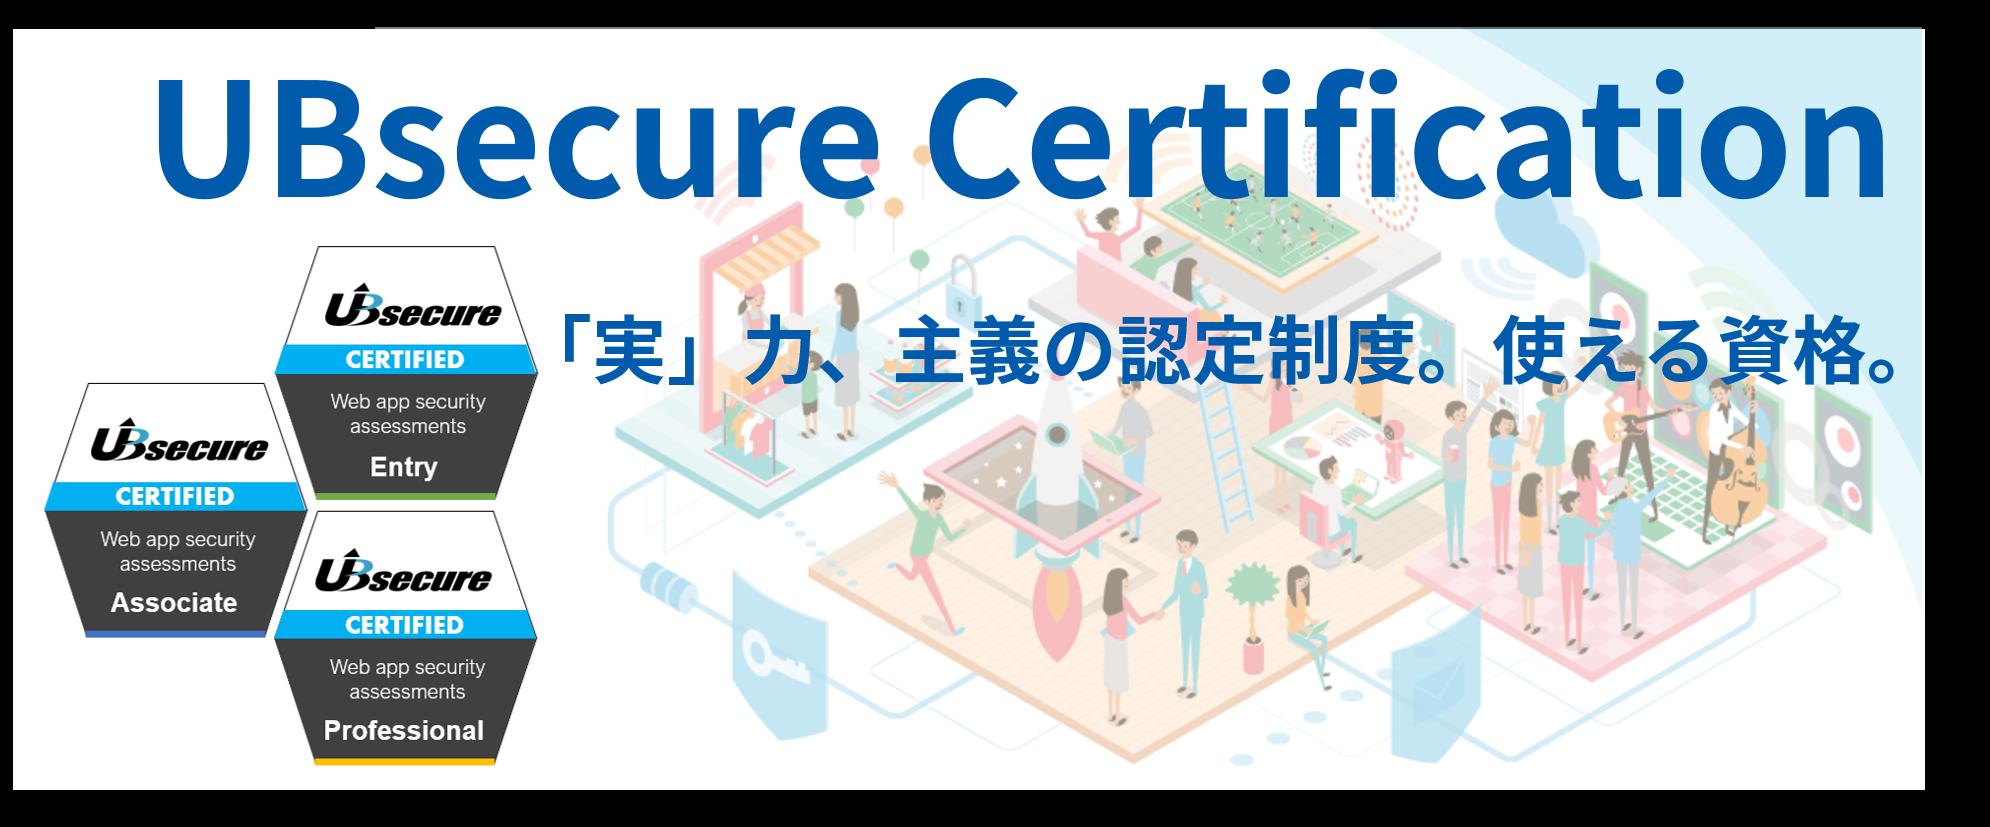 Secure SketCH_UBSecure Certification_C